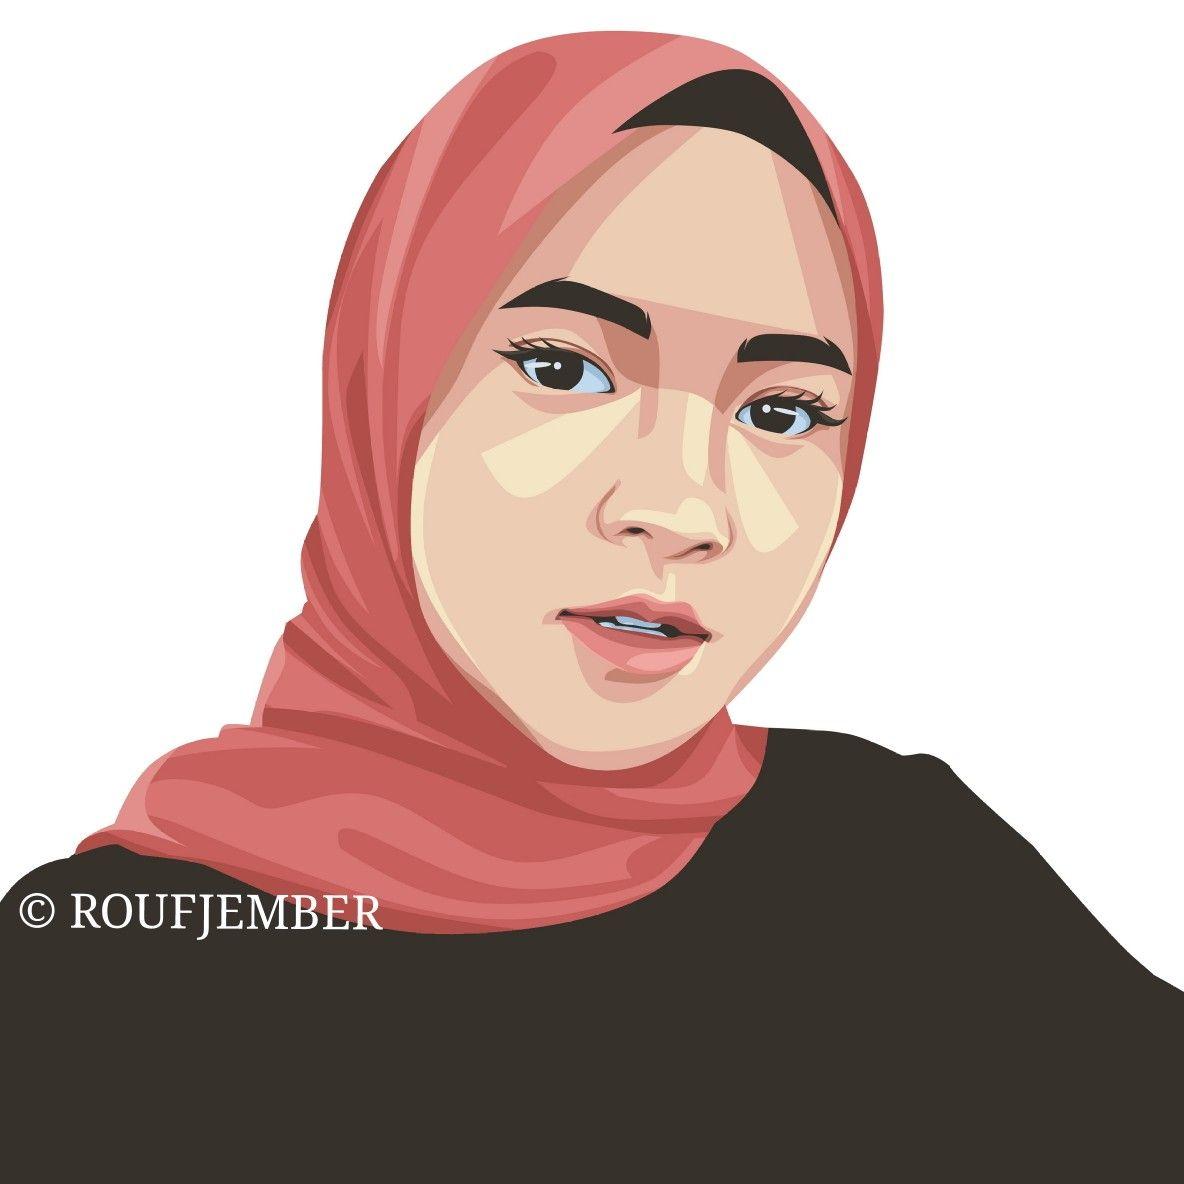 Nissa Sabyan Vector Fansart In 2021 Digital Art Tutorial Beginner Vector Art Digital Art Tutorial